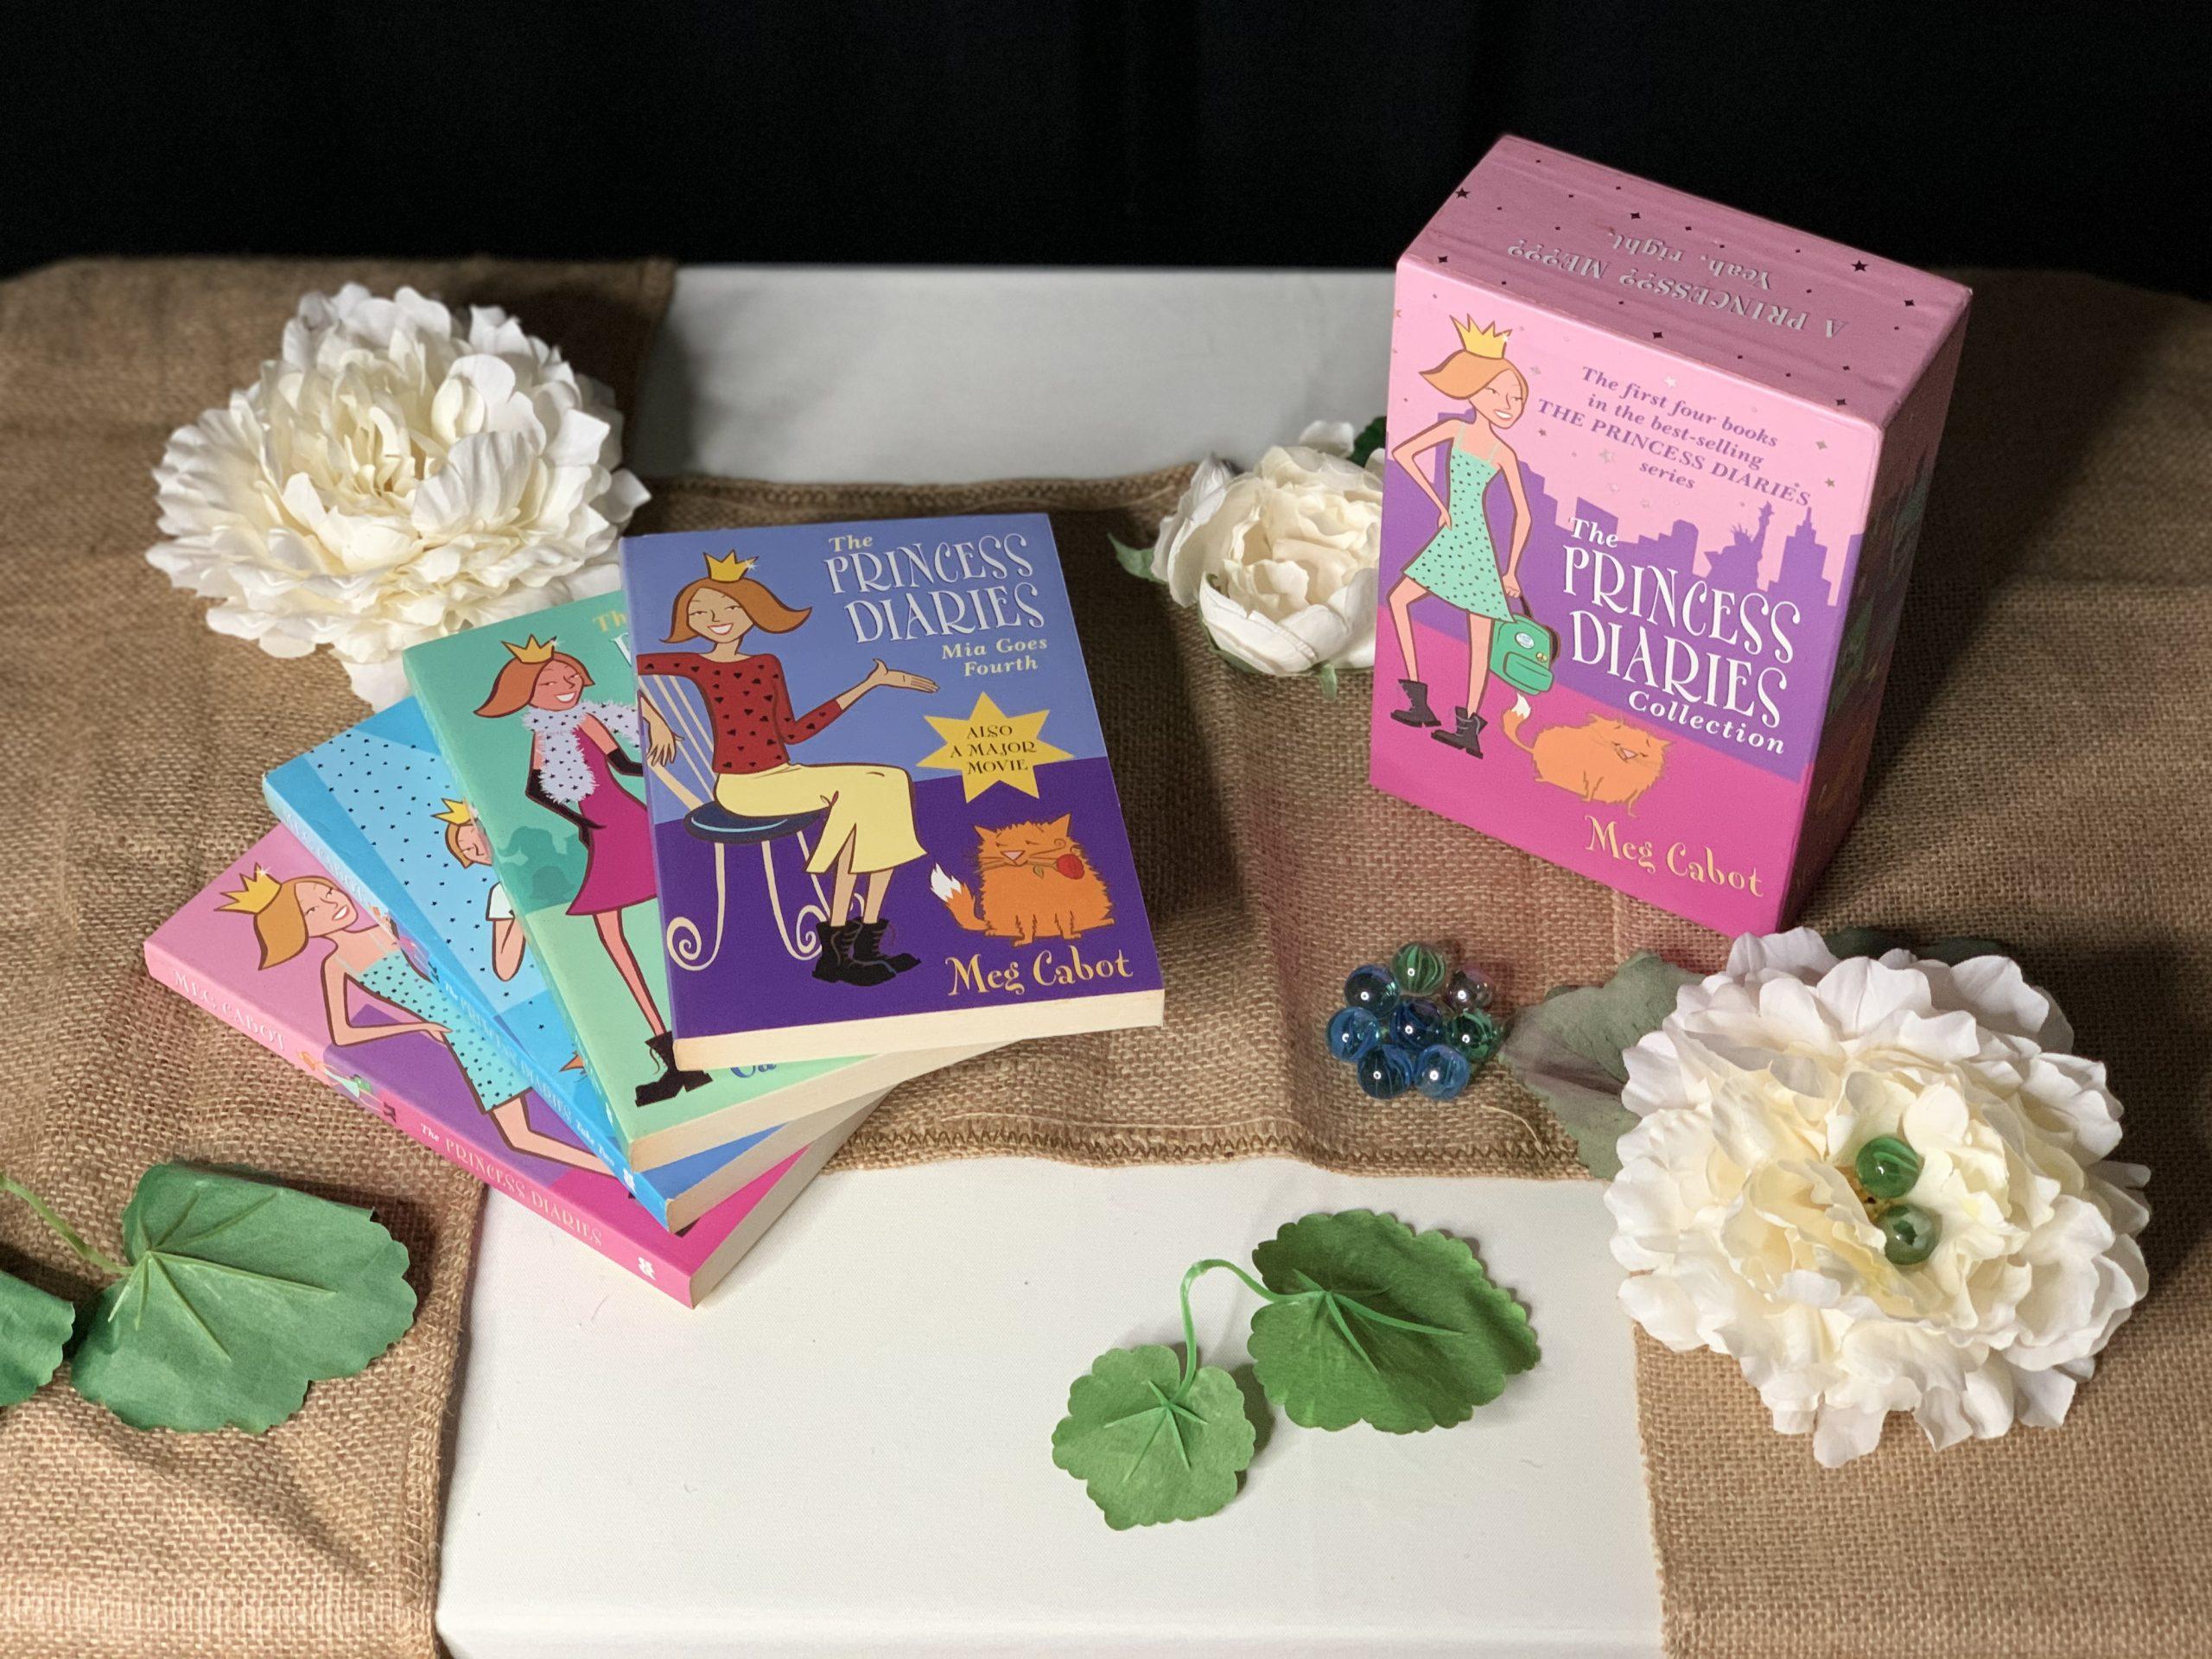 The Princess Diaries Set